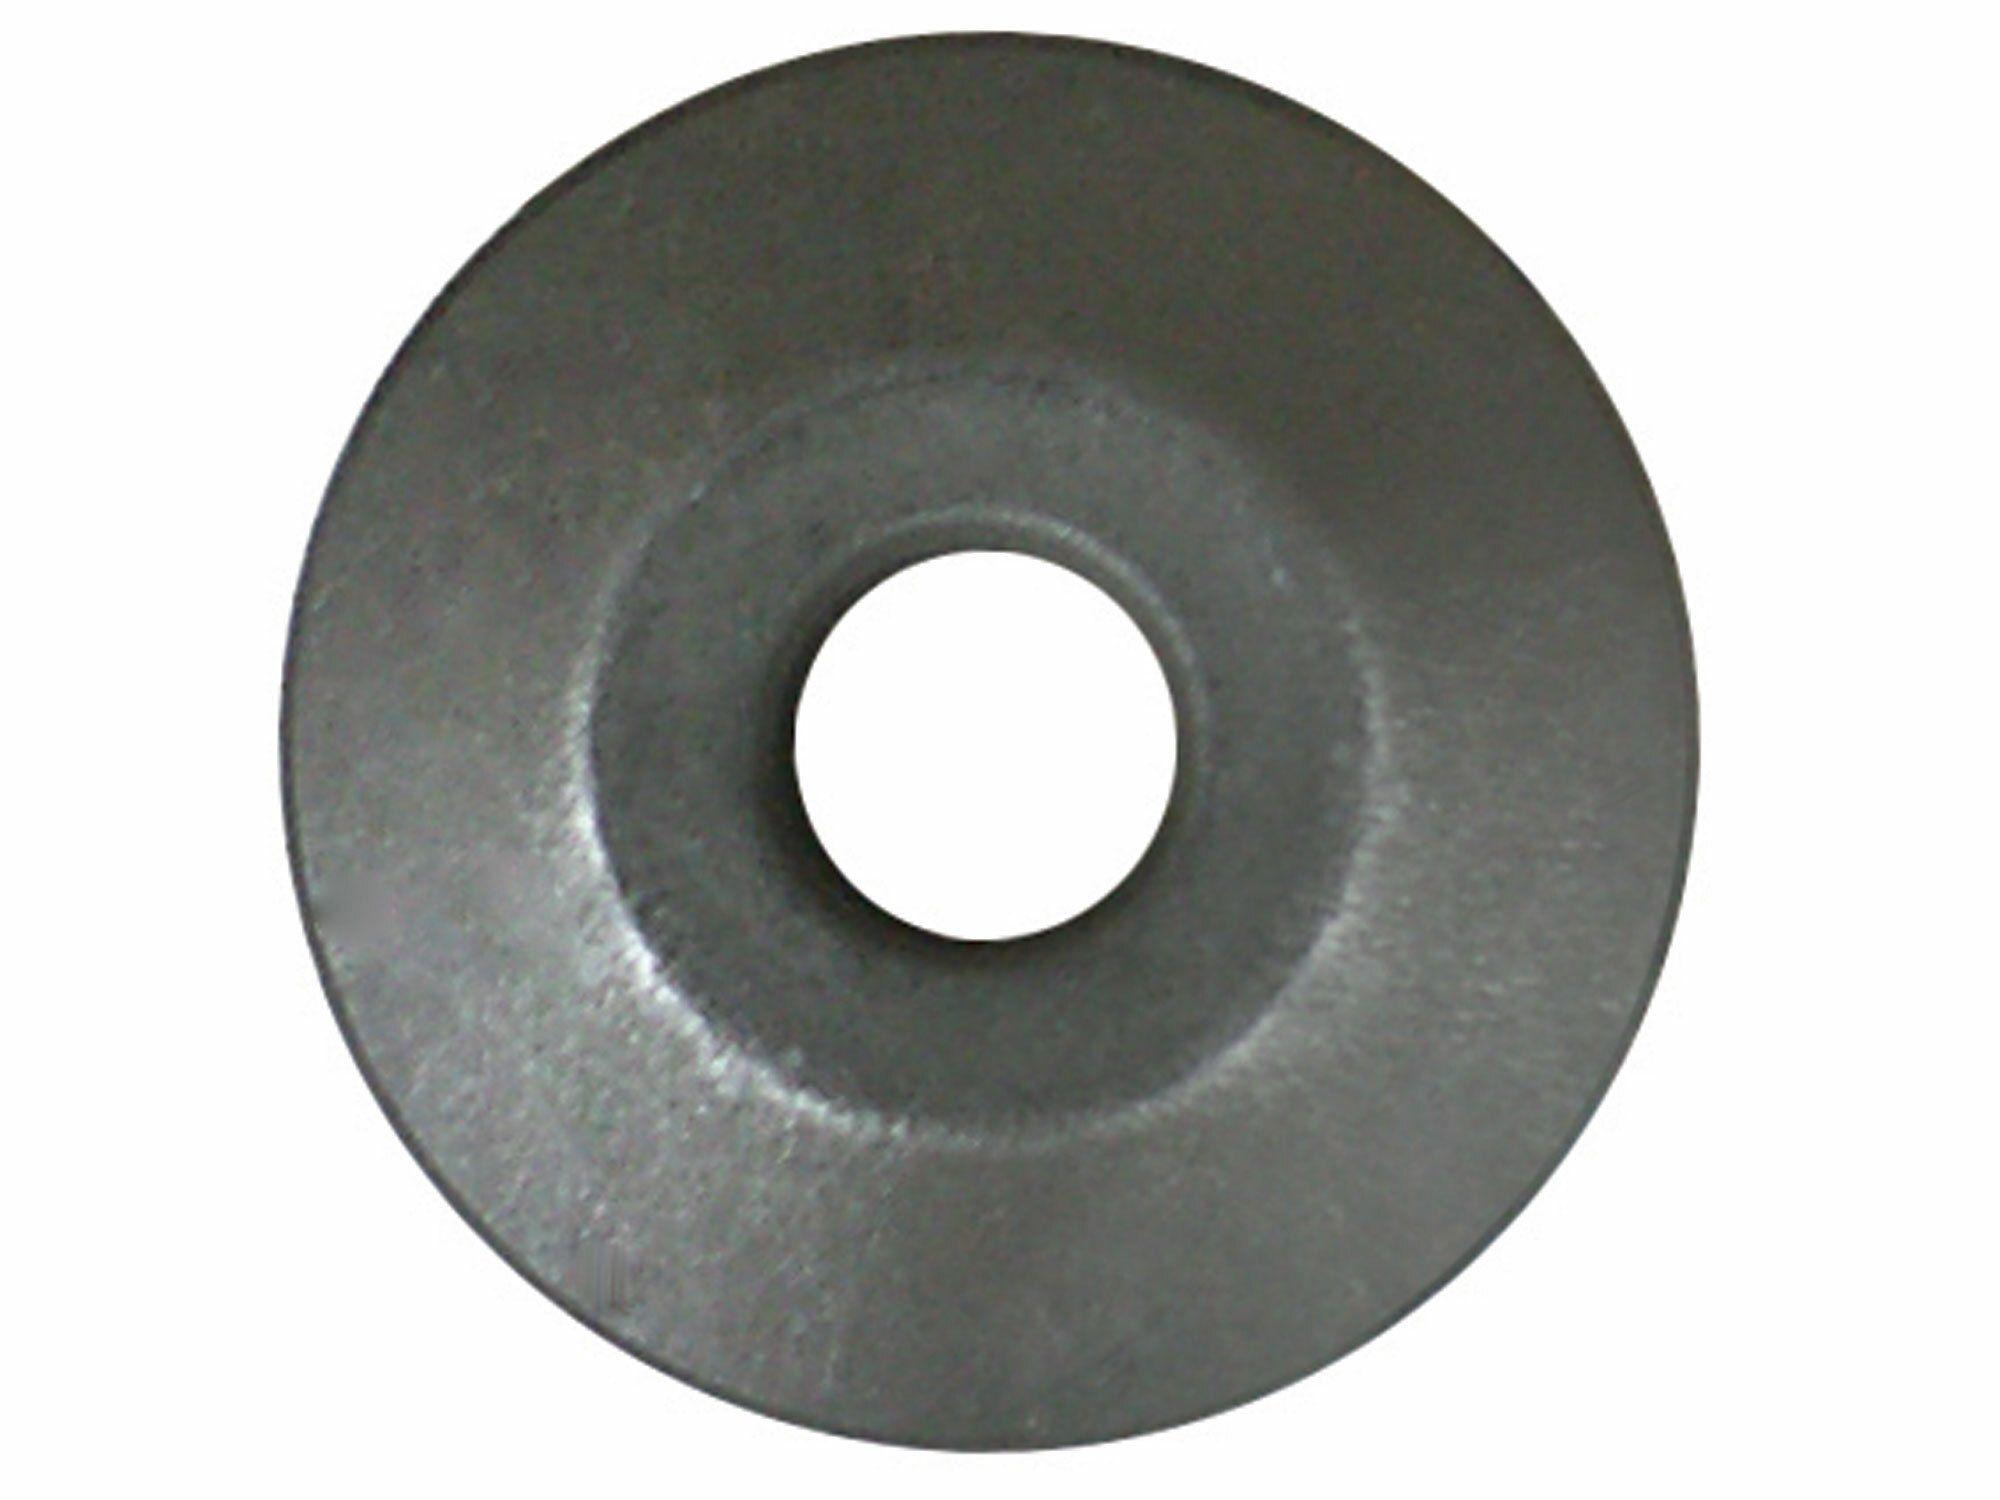 Kolečko řezací, 22x6x5mm, pro řezačky 4770801,(802), (803)8841012,(013)a(014), FORTUM